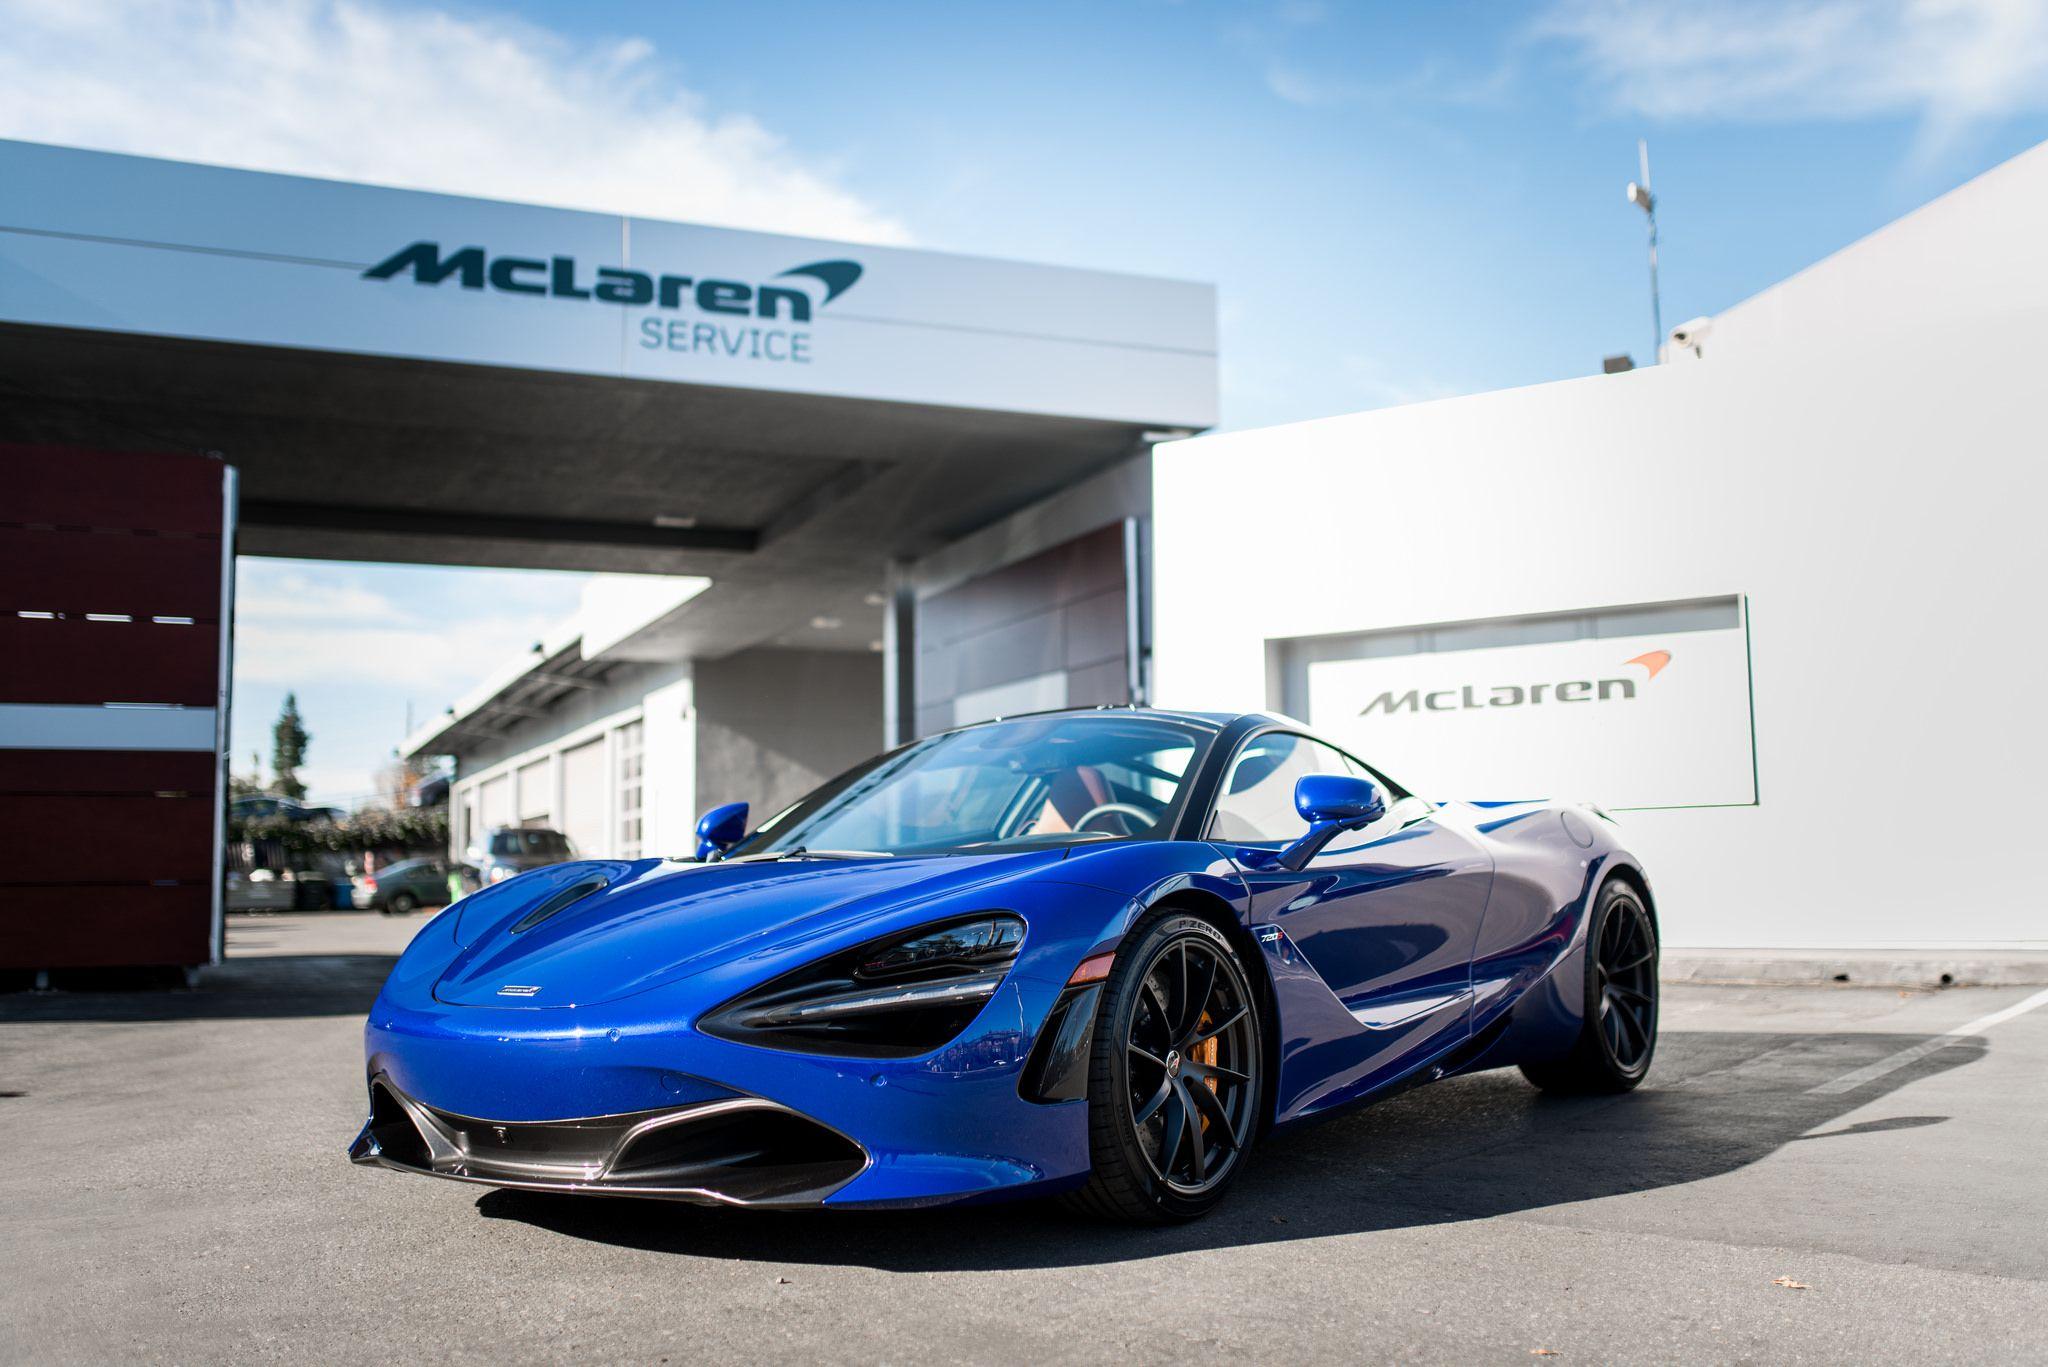 Mclaren 720s In Beautiful Aurora Blue Under Sun From Mclaren San Fracisco Mclaren Mclaren 720s Best Luxury Cars